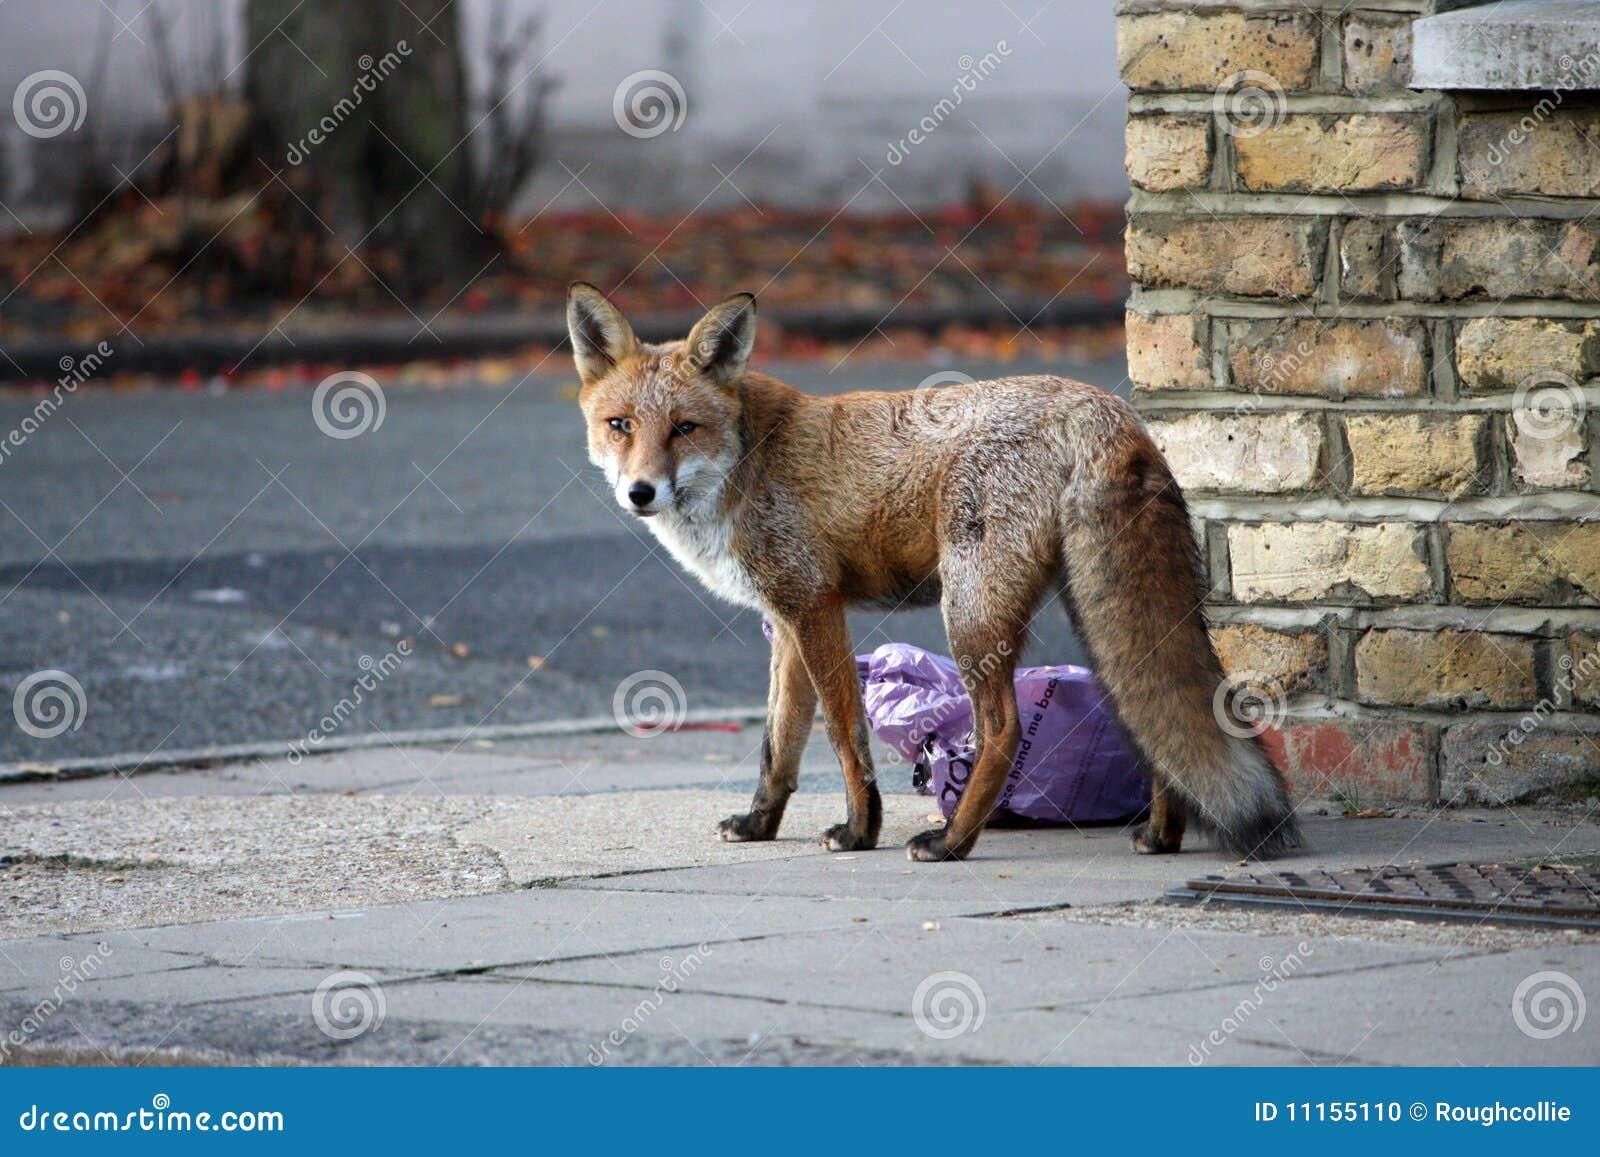 Fox urbain